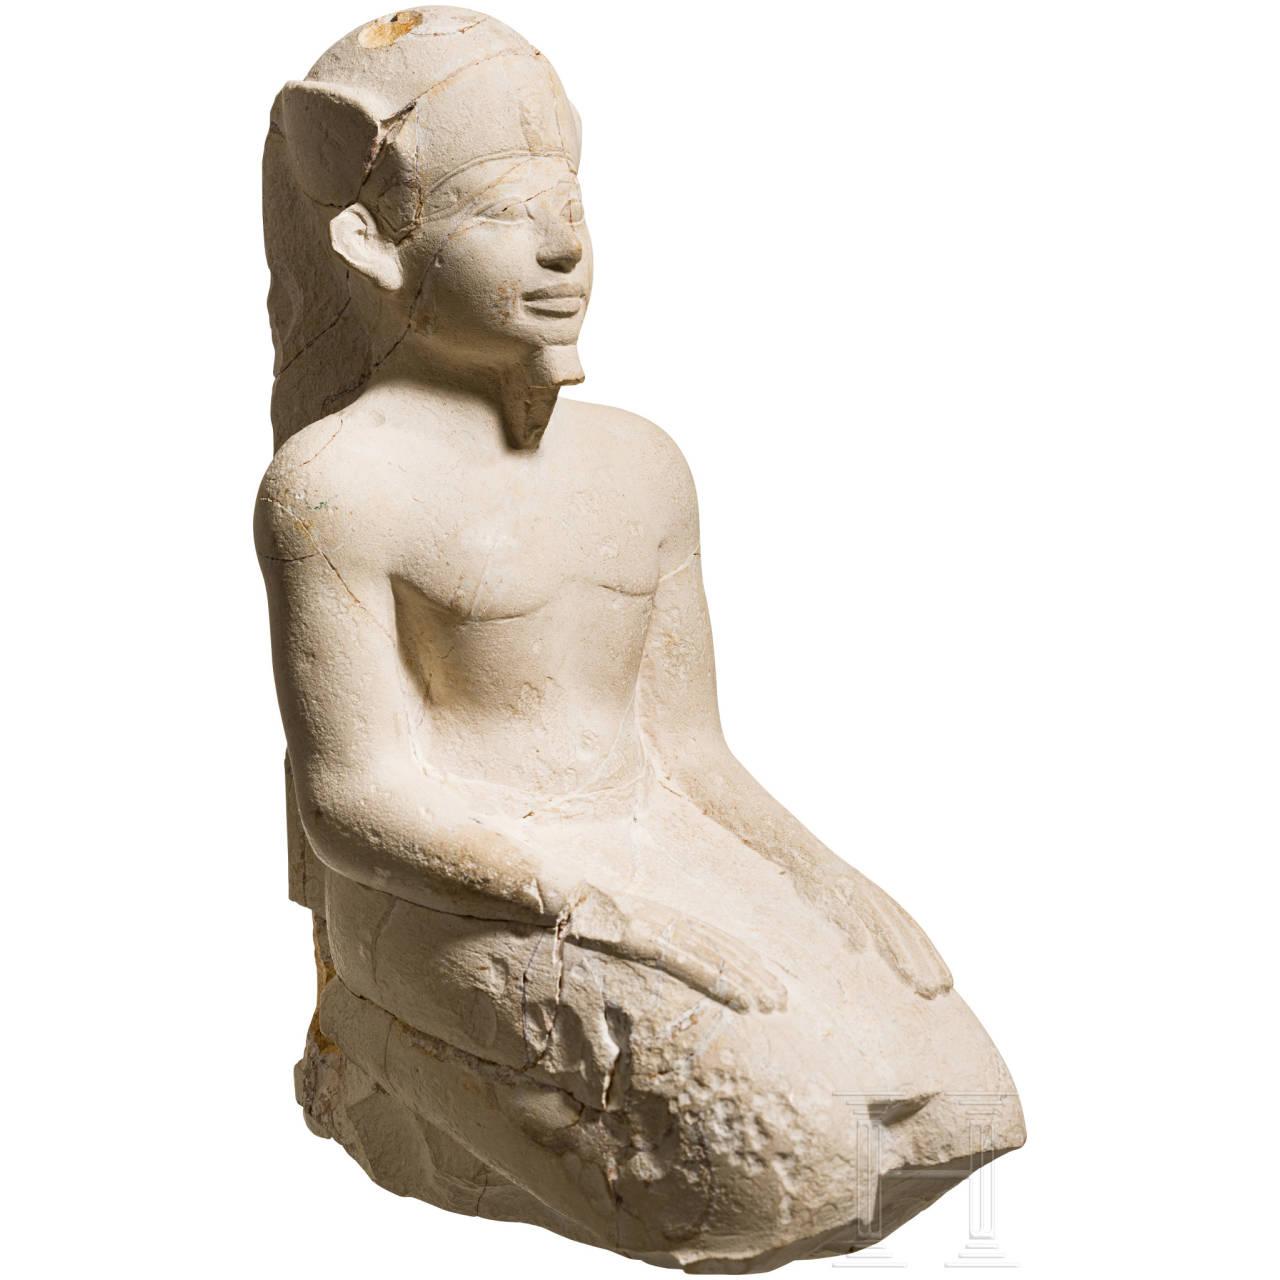 Kniefigur eines Pharaos, Kalkstein, Spätzeit frühptolemäische Epoche, 7. - 3. Jhdt. v. Chr.